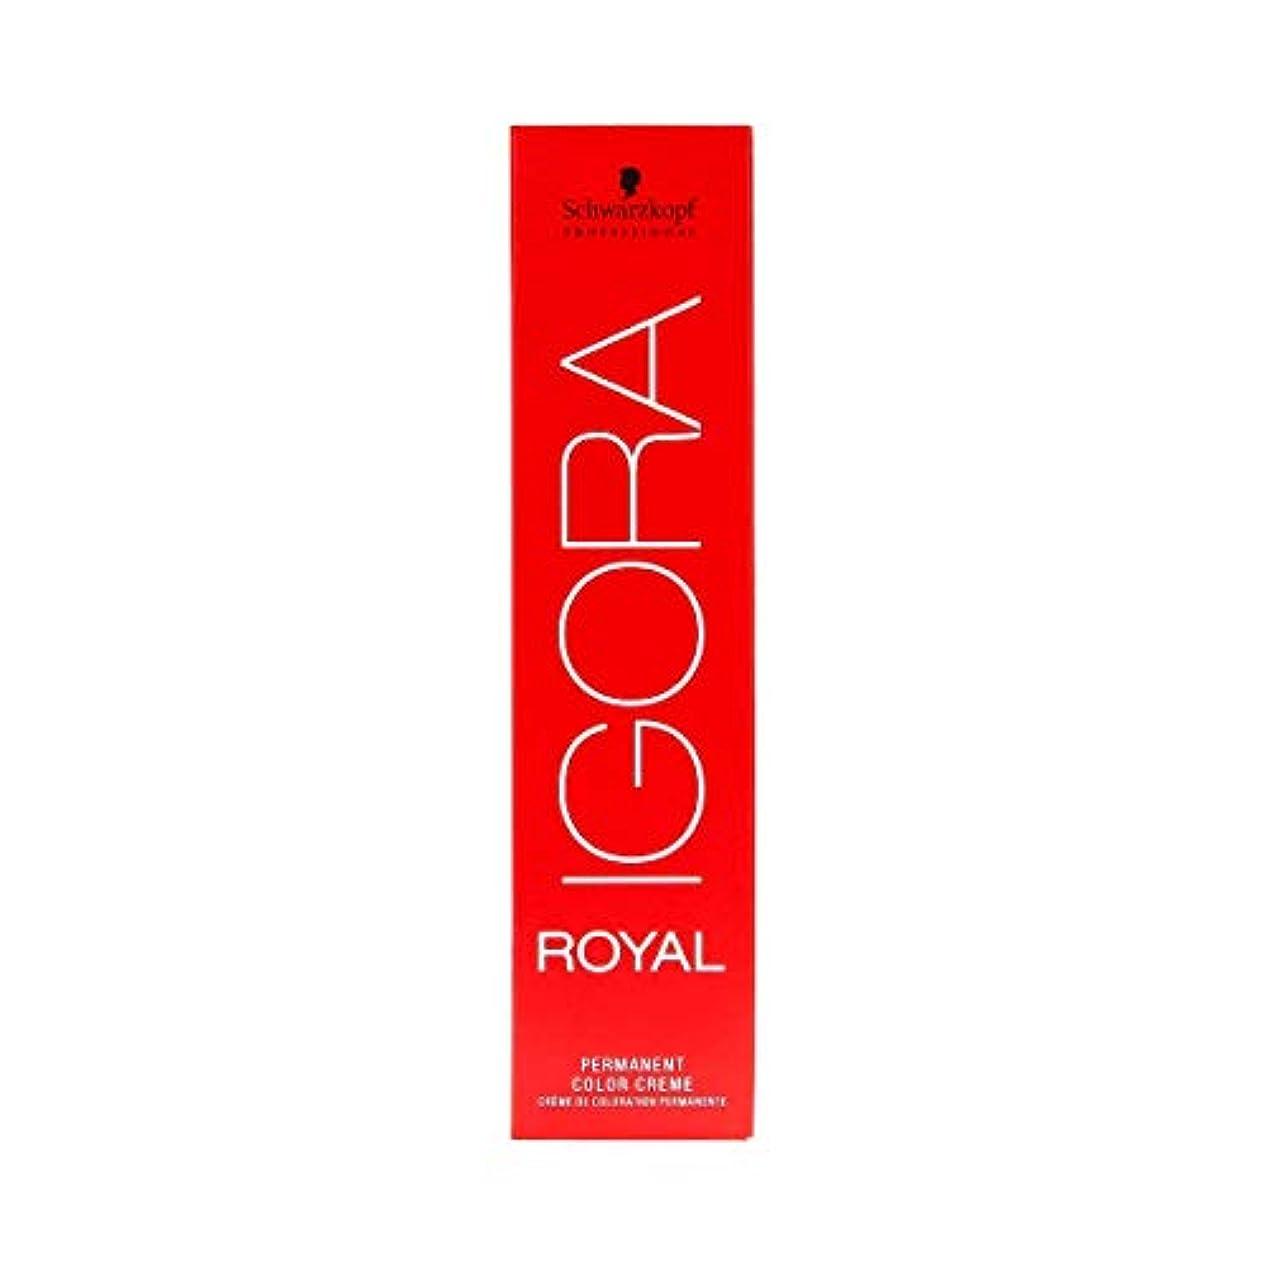 純度悪因子受粉するシュワルツコフ IGORA ロイヤル7-55パーマネントカラークリーム60ml[海外直送品] [並行輸入品]